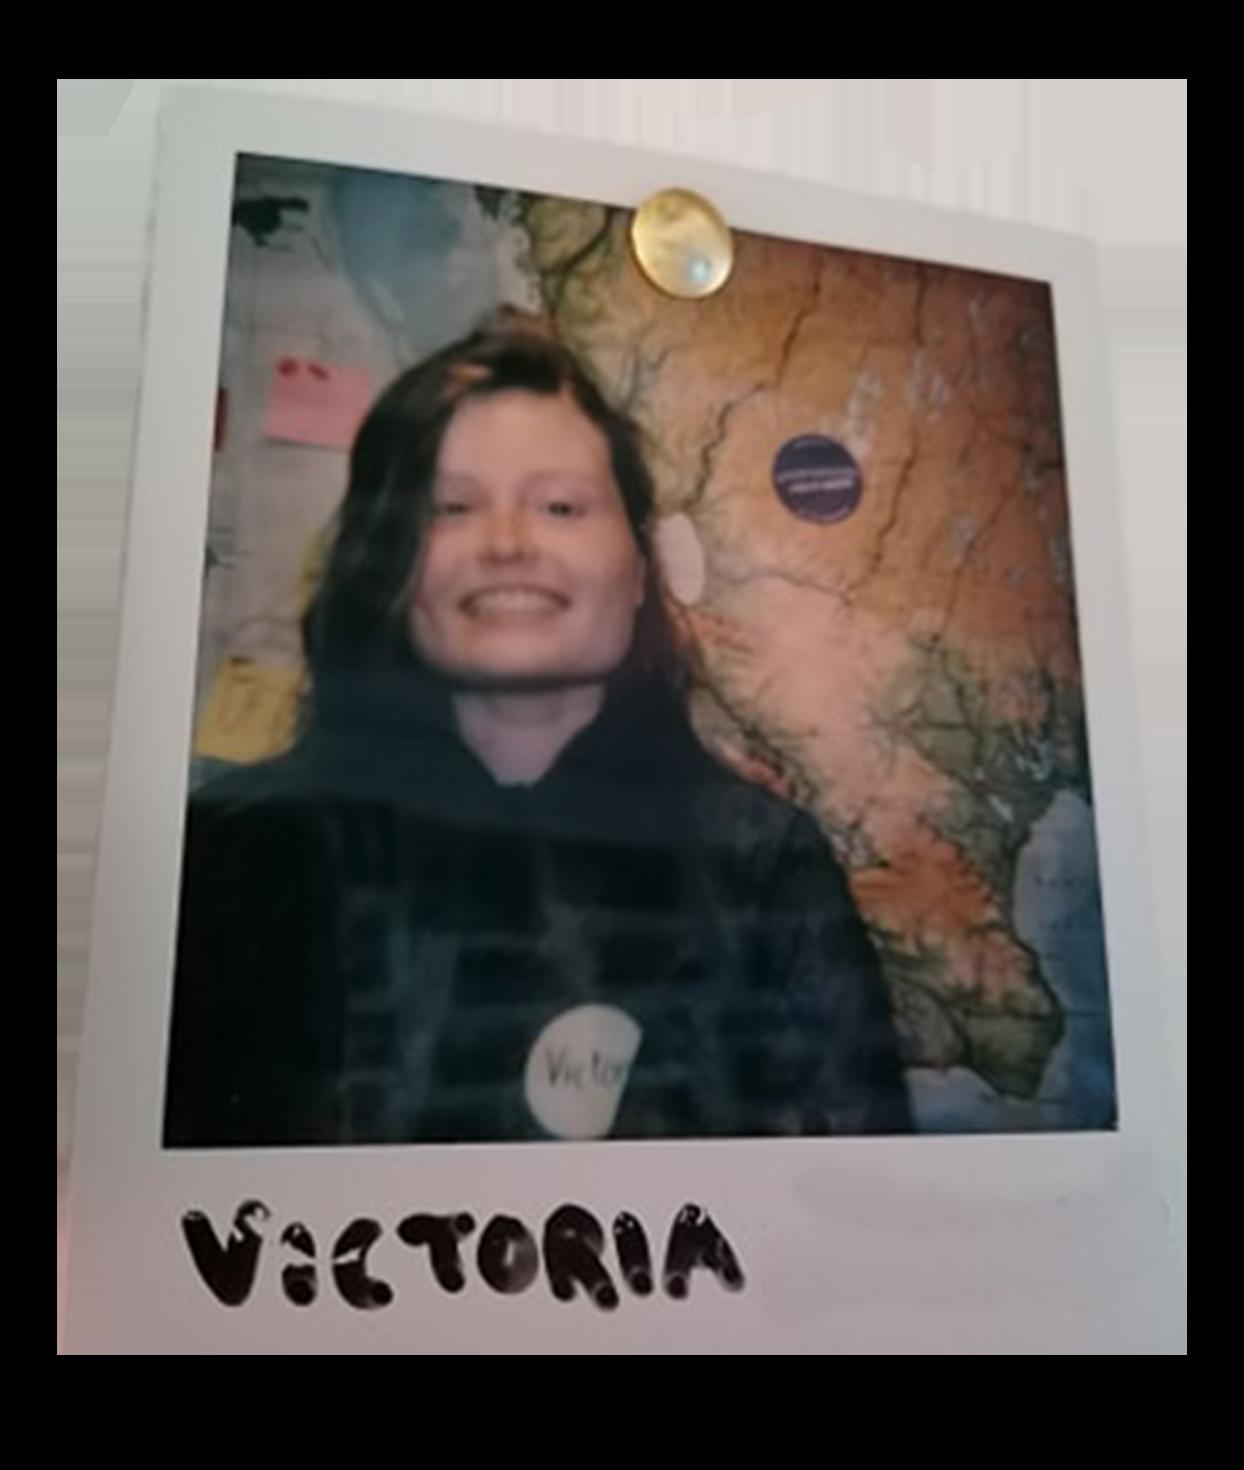 Victoria Dahl Understrup